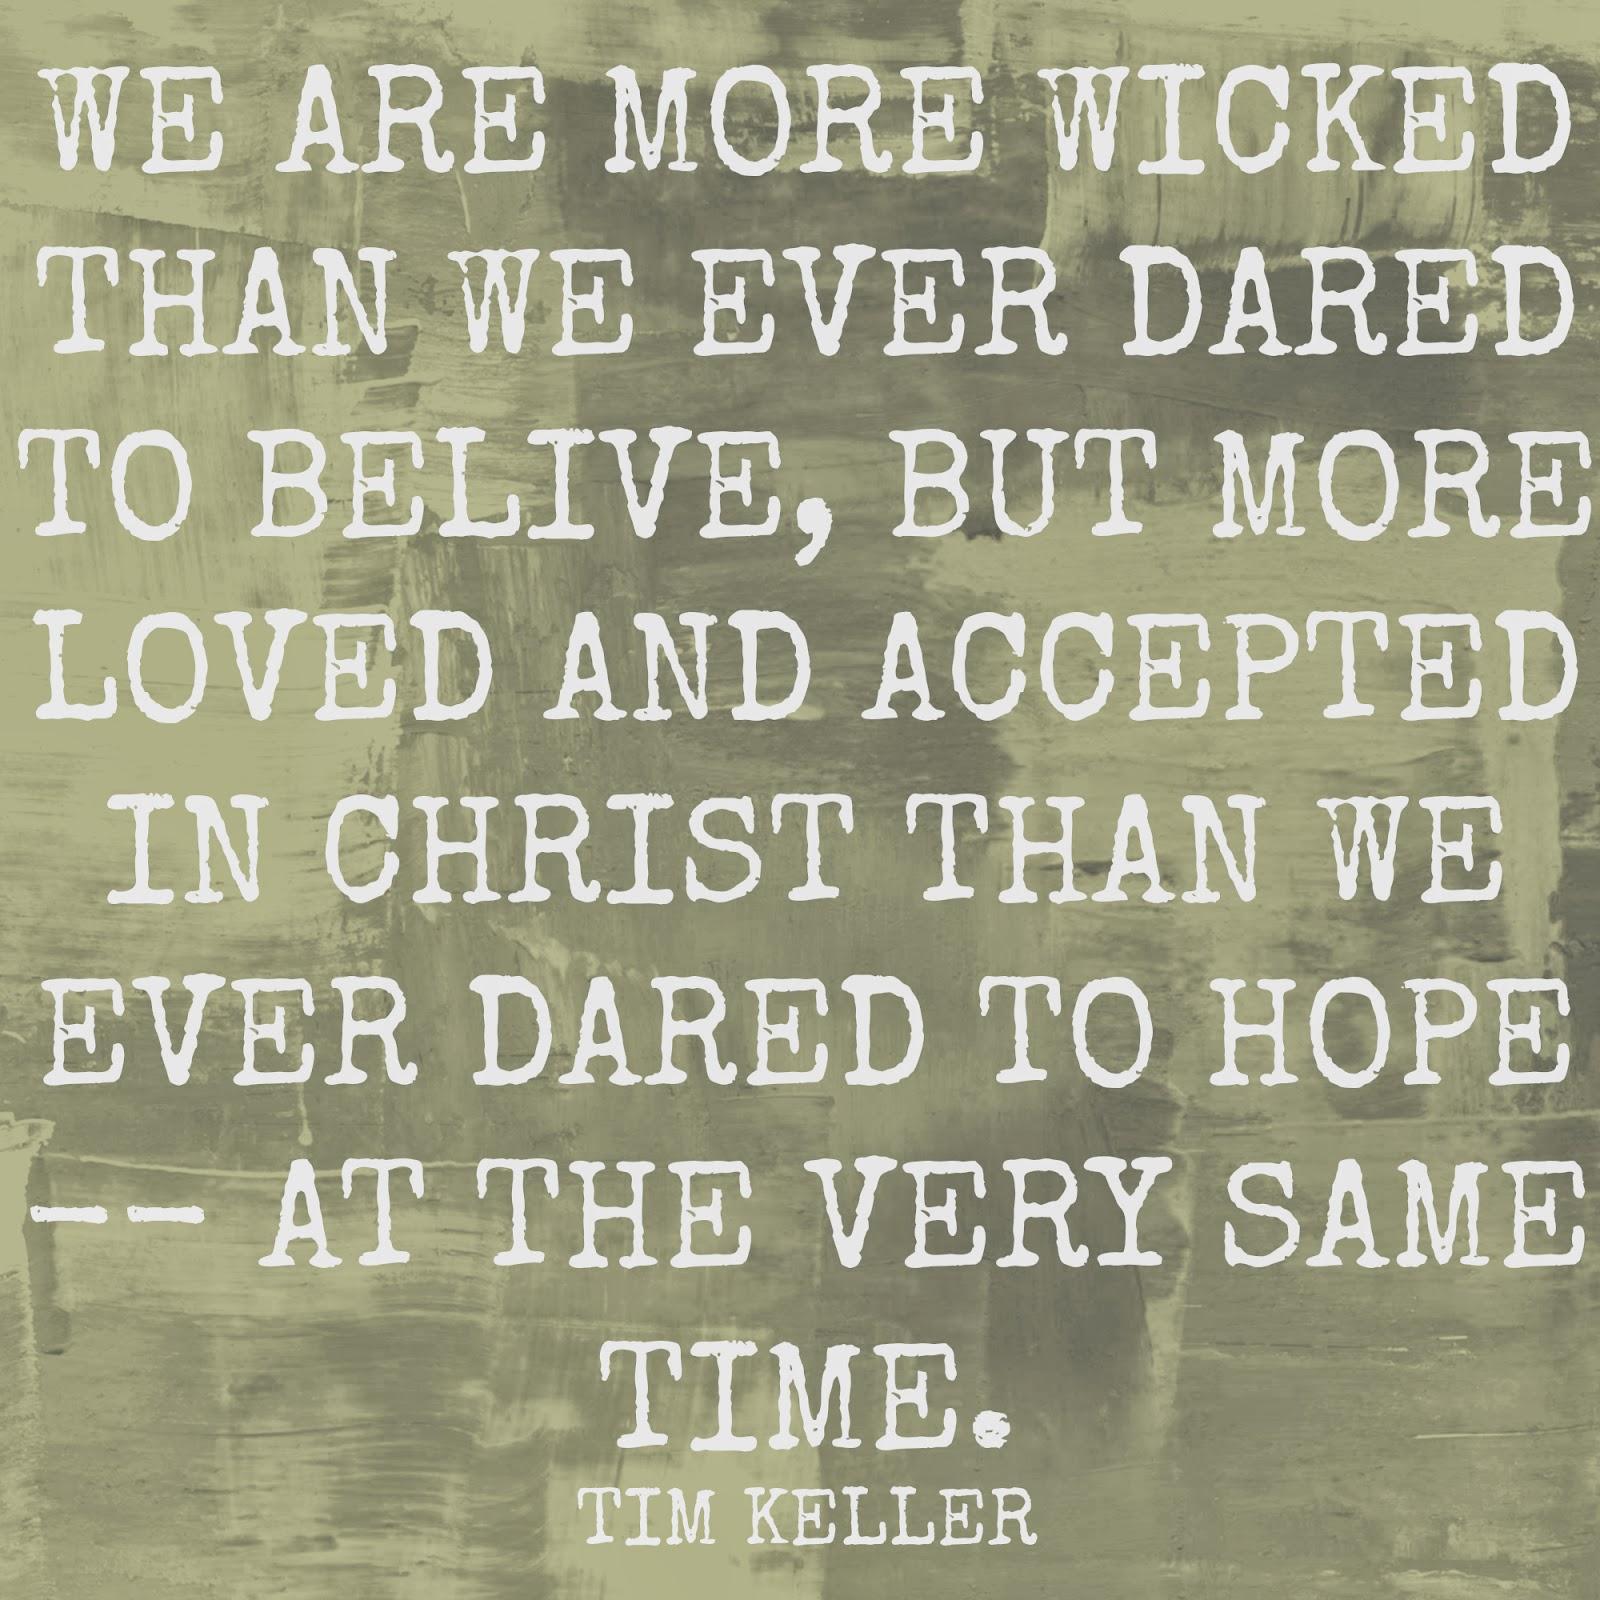 Tim Keller Quotes On Work: Tim Keller Quotes On Grace. QuotesGram